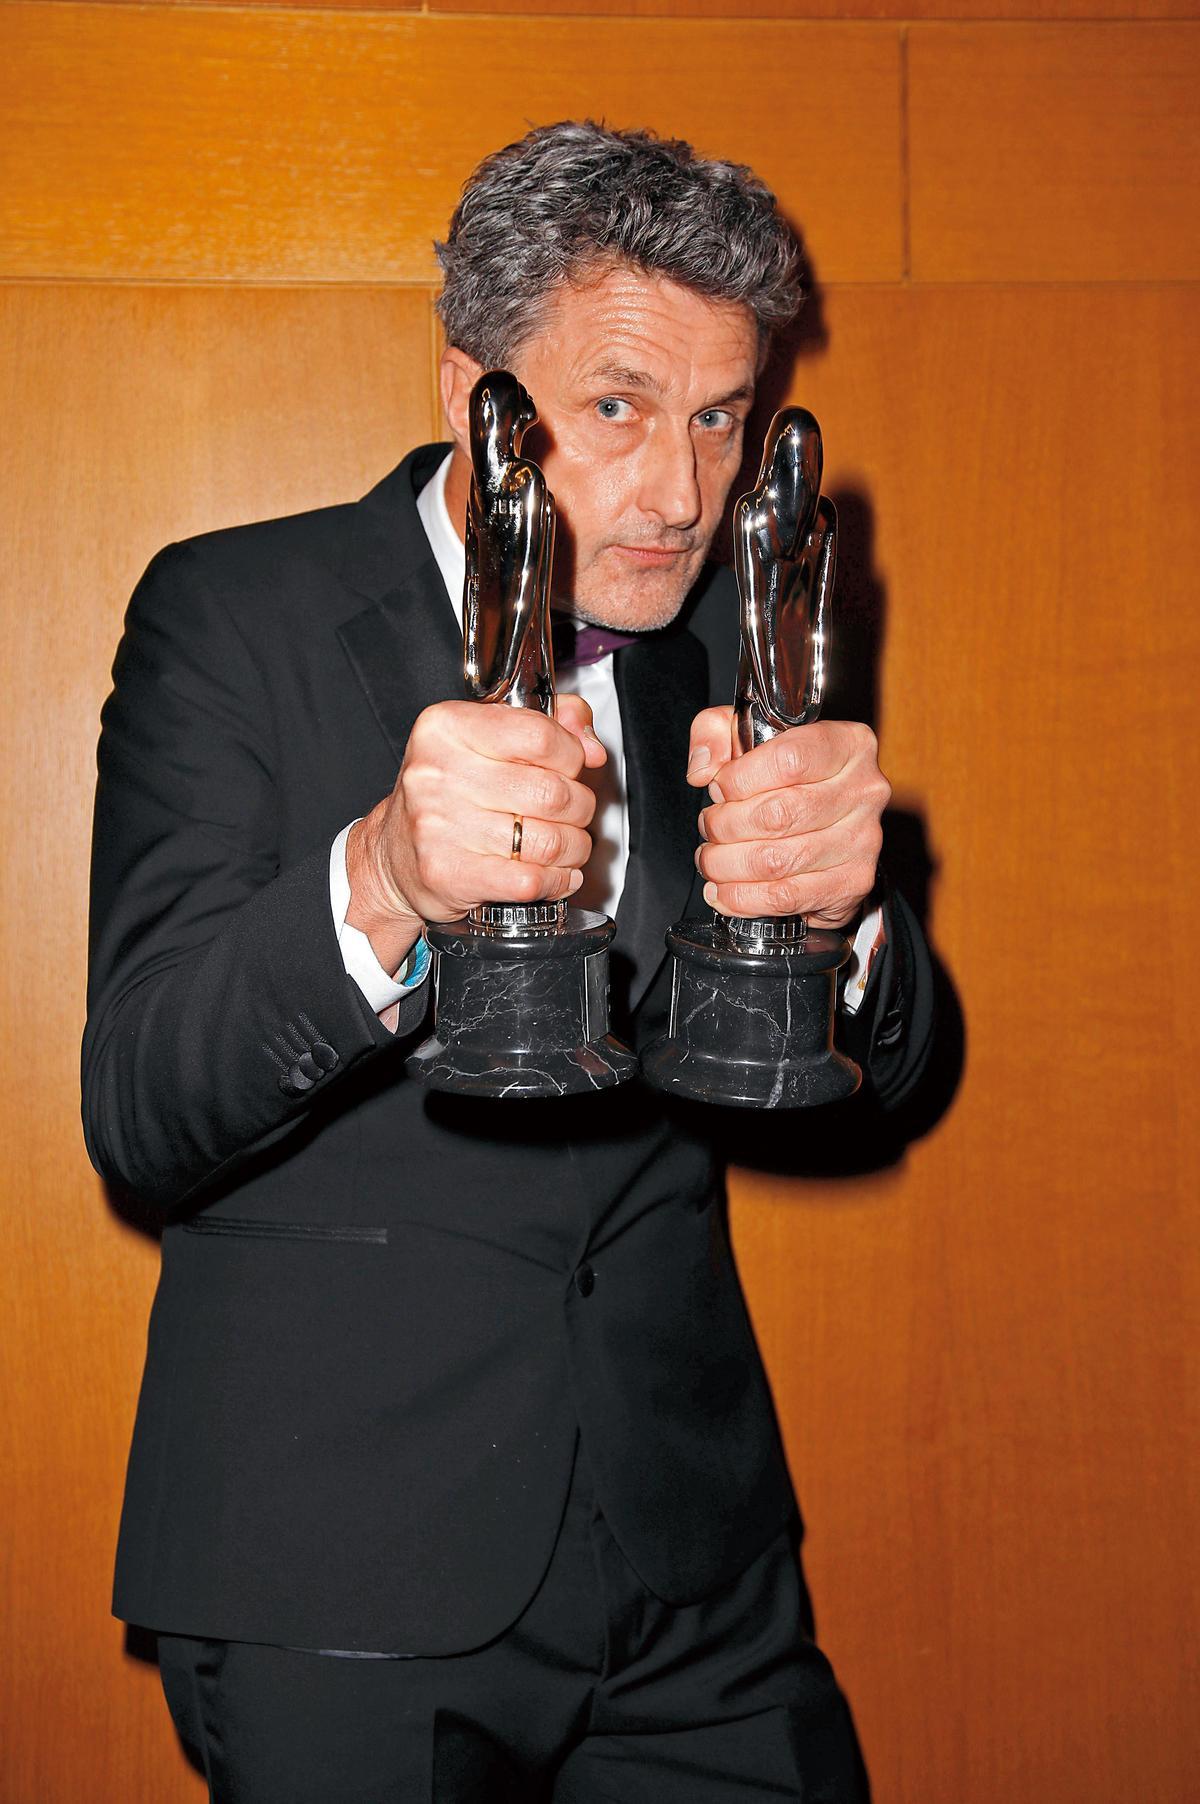 波蘭導演帕威帕利科斯基因《沒有煙硝的愛情》入圍奧斯卡最佳導演獎,圖為他去年底贏得歐洲電影獎的畫面。(東方IC)